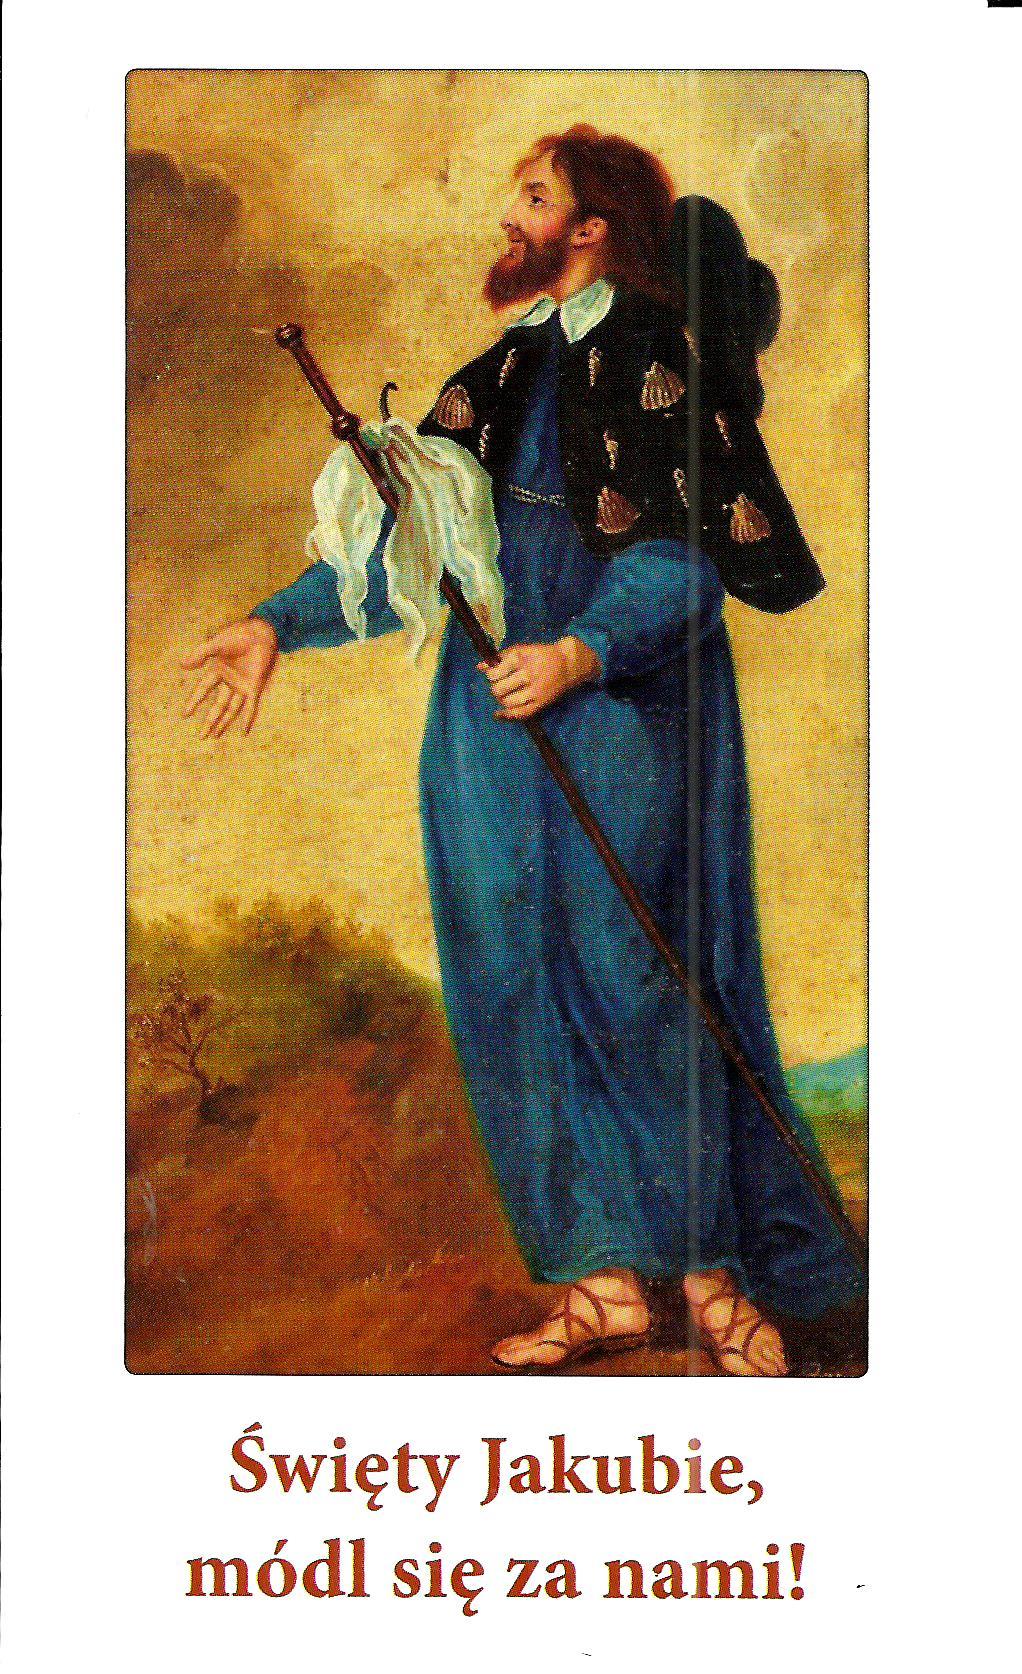 8. obrazek św. Jakuba i modlitwa0001